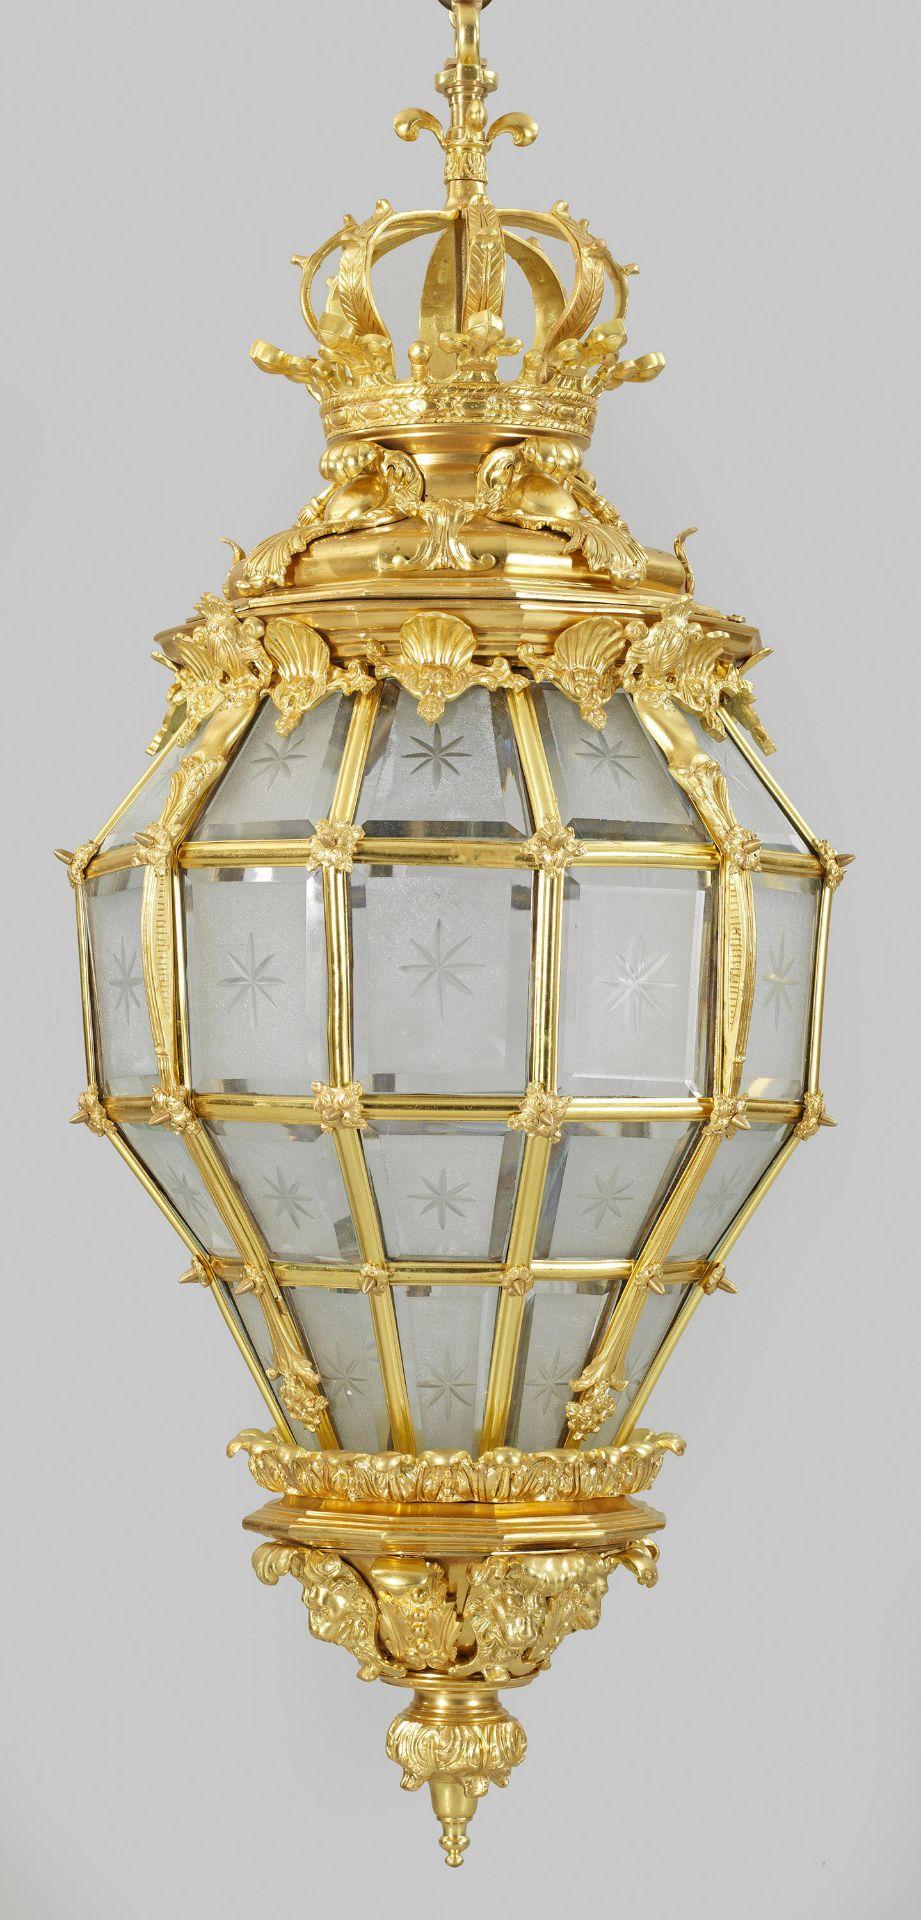 Prachtvolle Louis XVI-Deckenampel